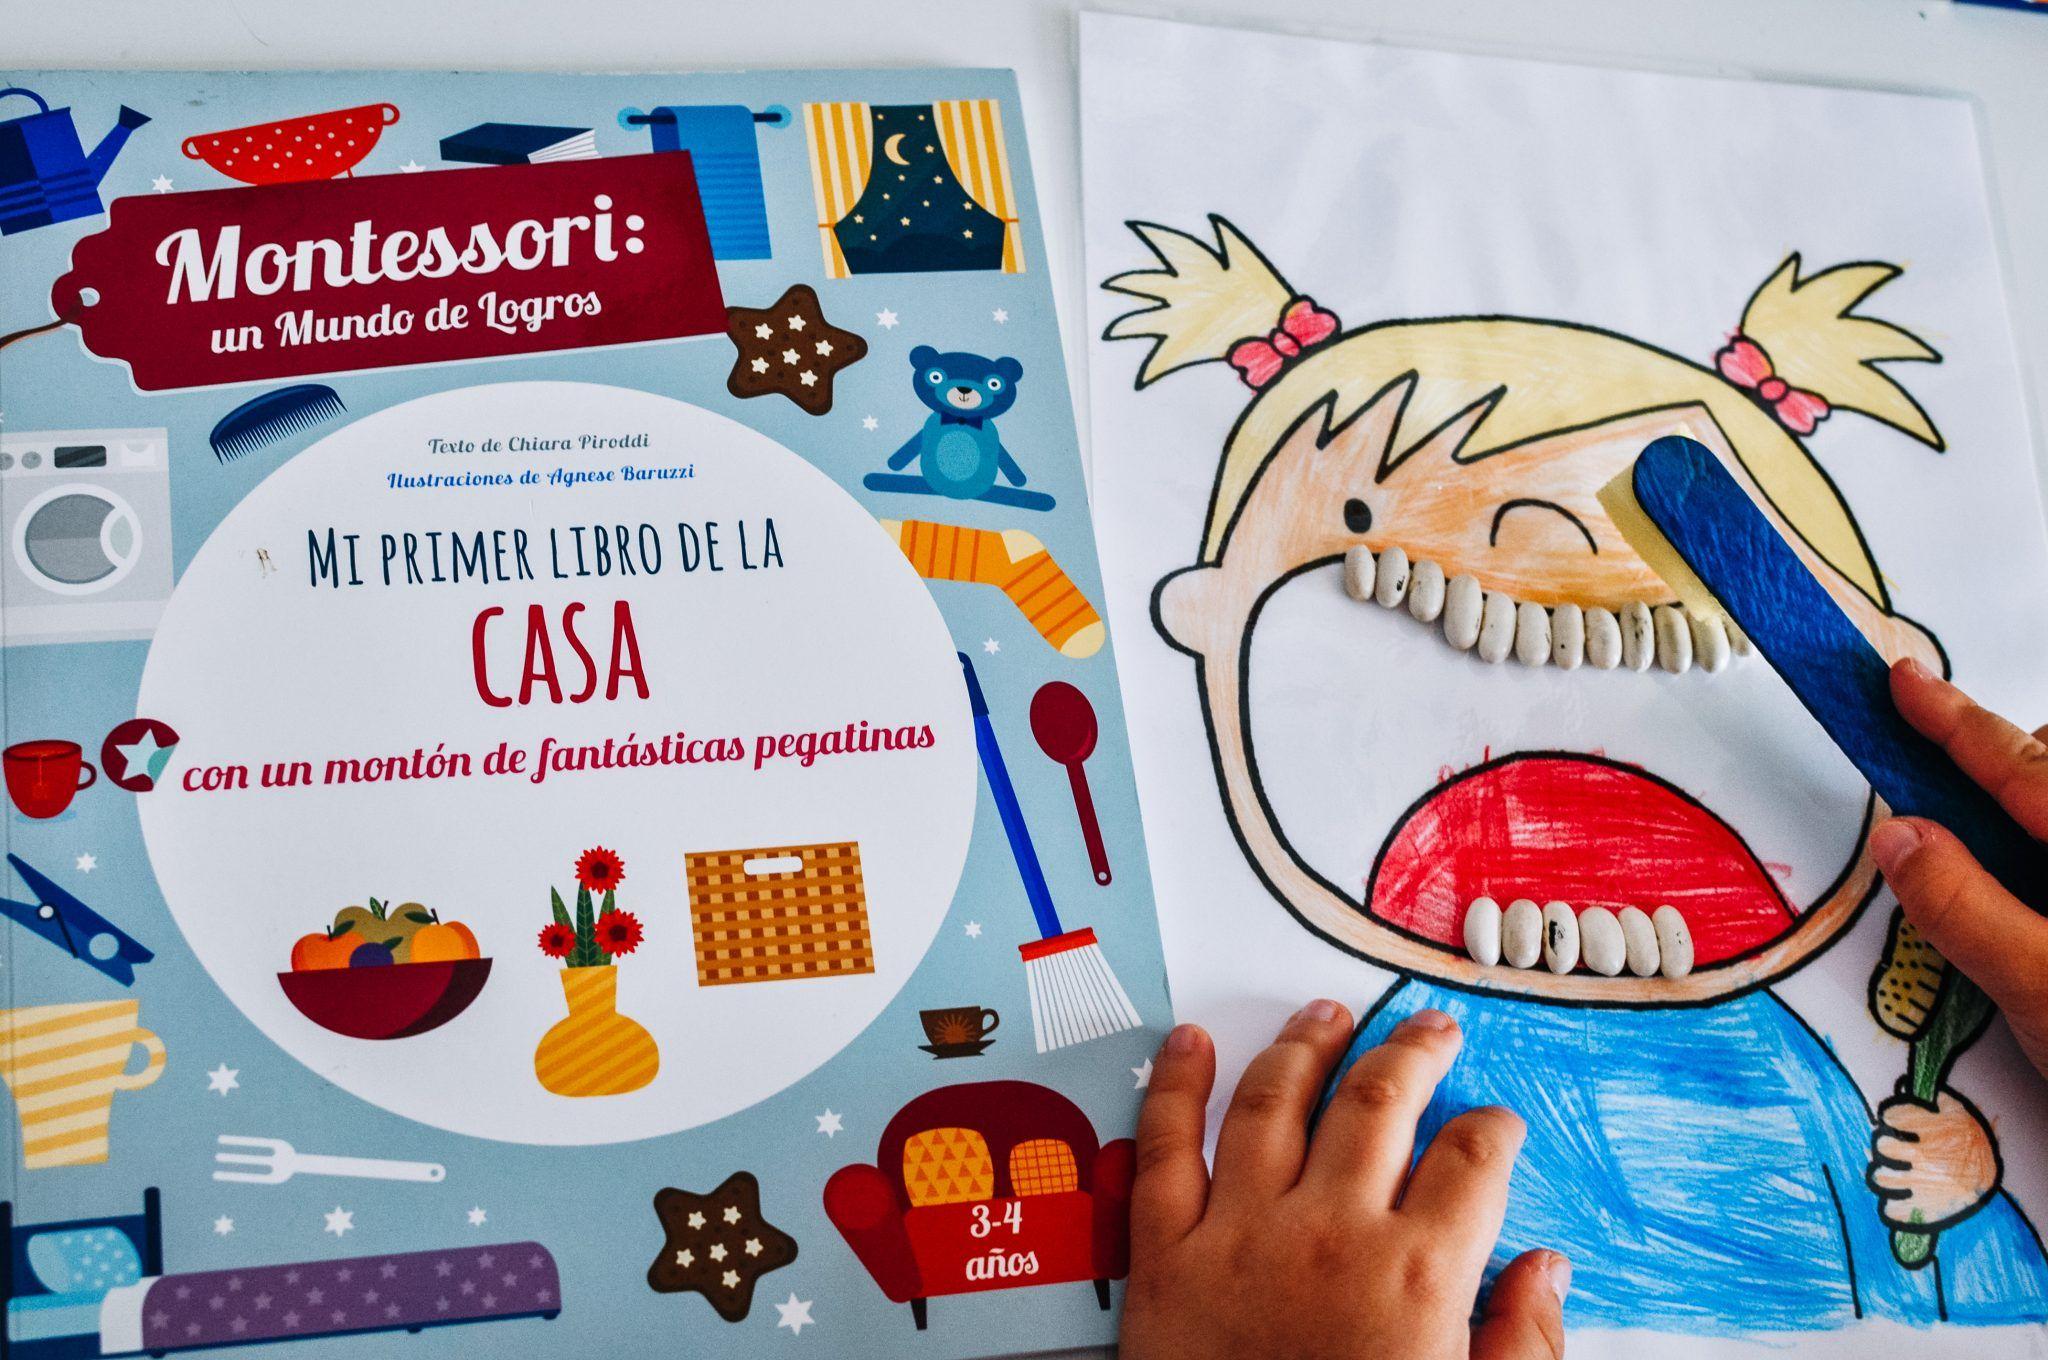 Mi primer libro de la casa Montessori y manualidad DIY